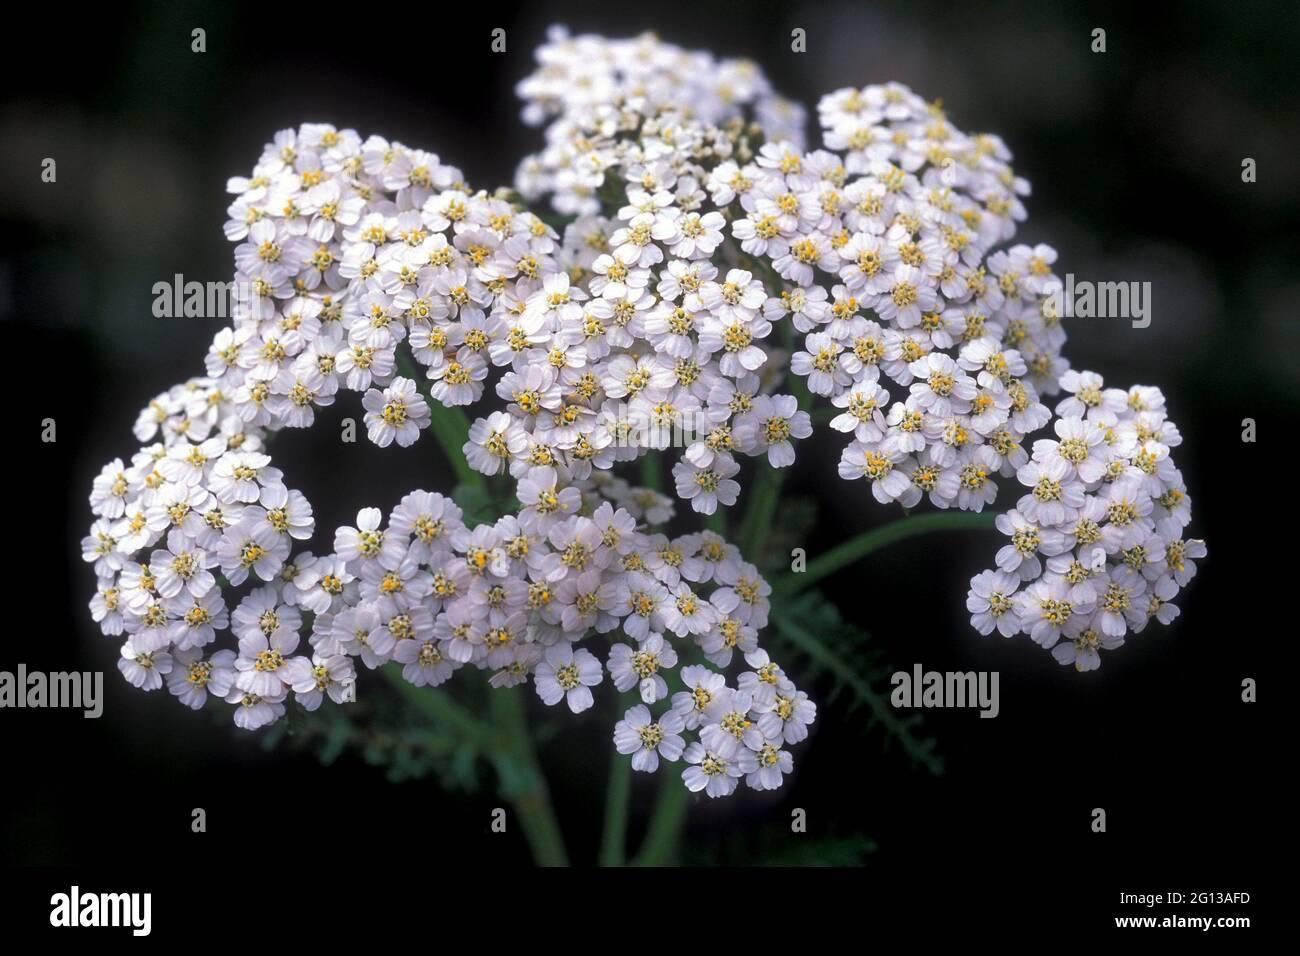 Yarrow (Achillea millefolium) es una planta medicinal perenne nativa de Europa, Asia y Norteamérica. Esta foto fue tomada en Val d'Aran, Lleida, Foto de stock